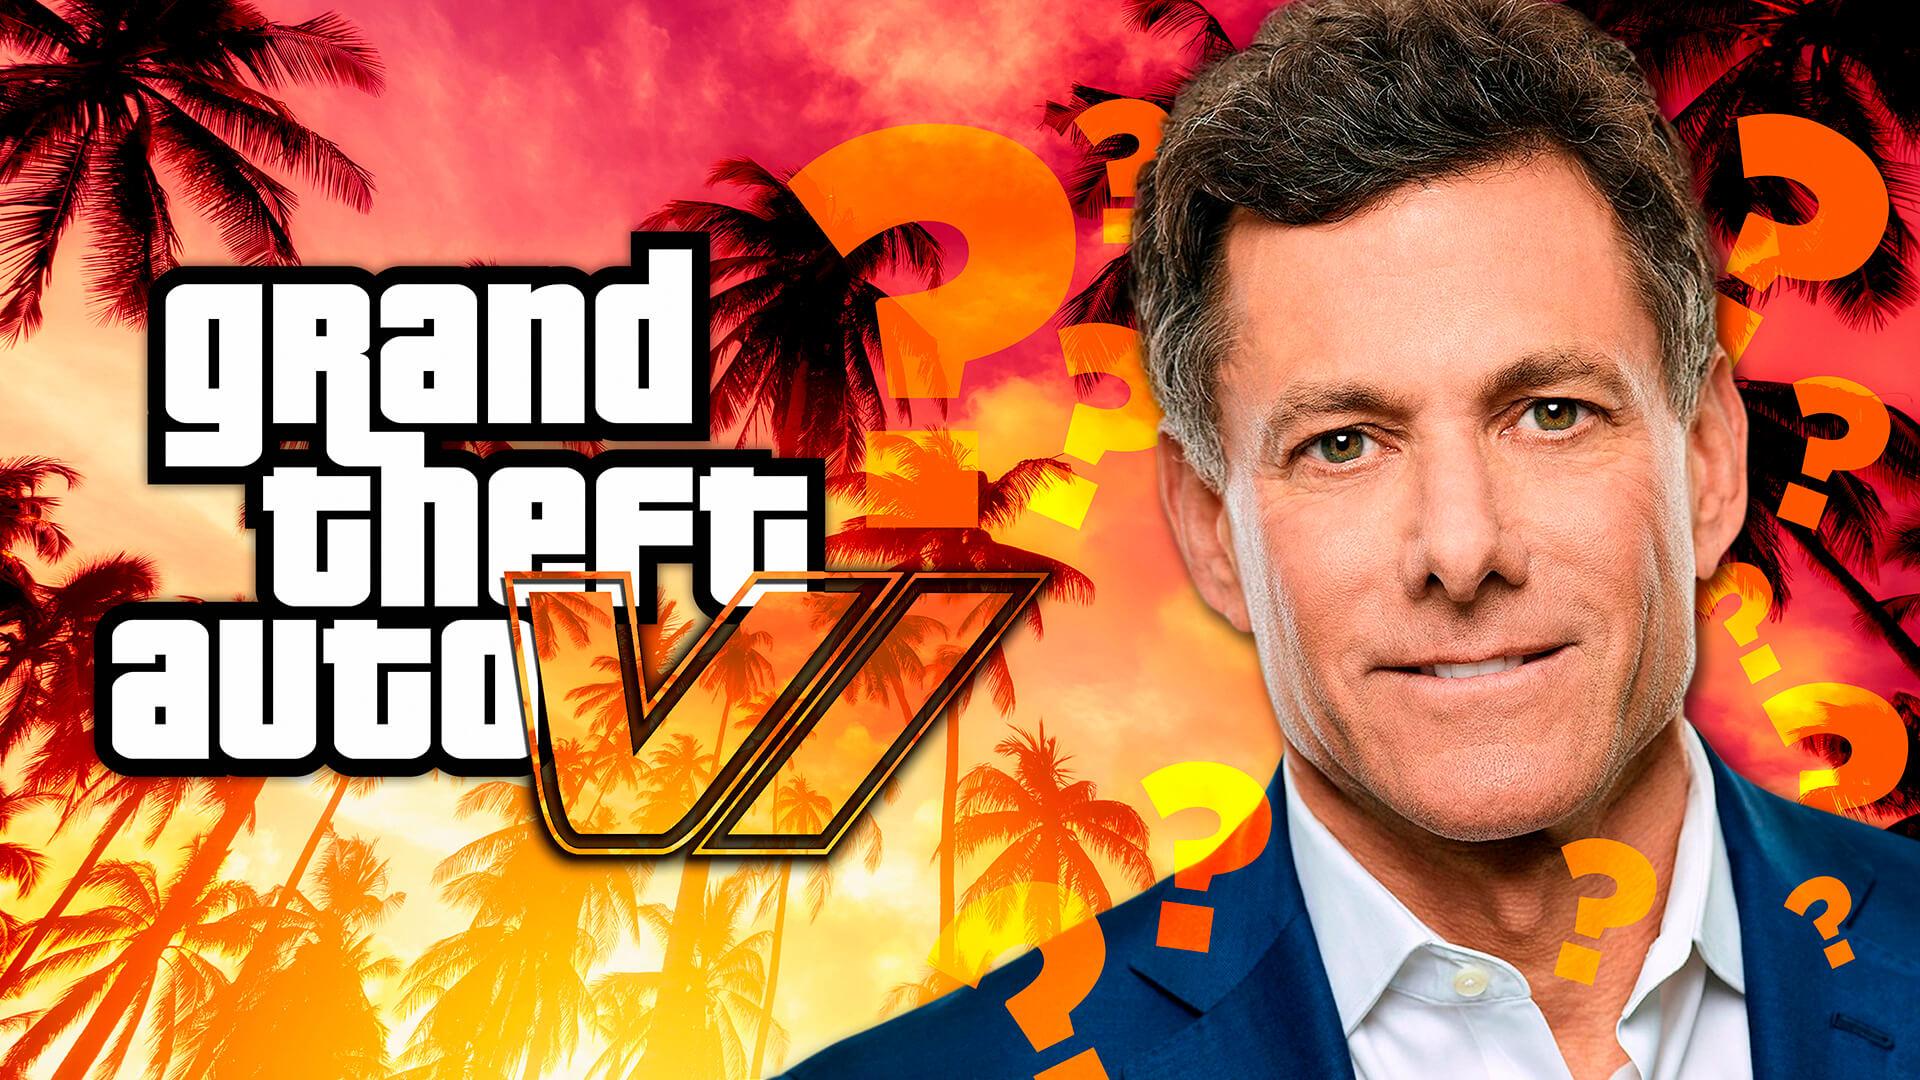 GTA 5 Expanded And Enhanced não foi muito bem recebido pelos fãs, sabendo disso, a Rockstar Games pode agora revelar GTA 6 mais cedo?